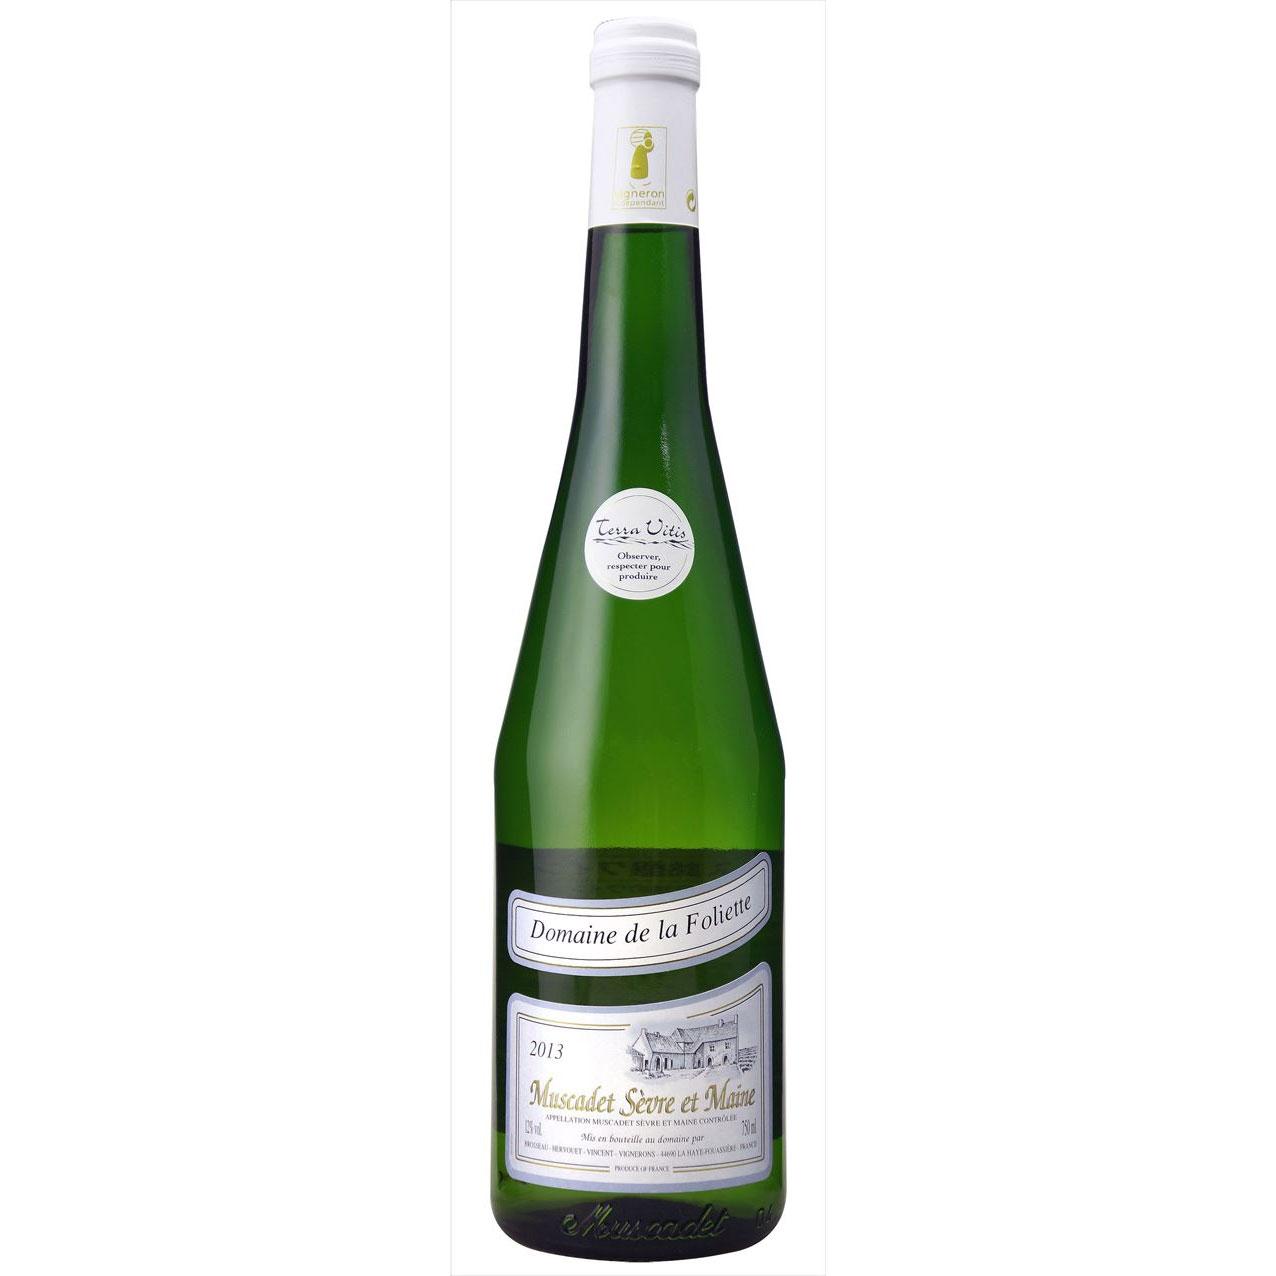 【ラッキーシール対応】お歳暮 ギフト ミュスカデ セーヴル エ メーヌ Dom.ド ラ フォリエット  ドメーヌ ド ラ フォリエット 白 750ml 12本 フランス ロワール 白ワイン 送料無料 コンビニ受取対応商品 ヴィンテージ管理しておりません、変わる場合があります